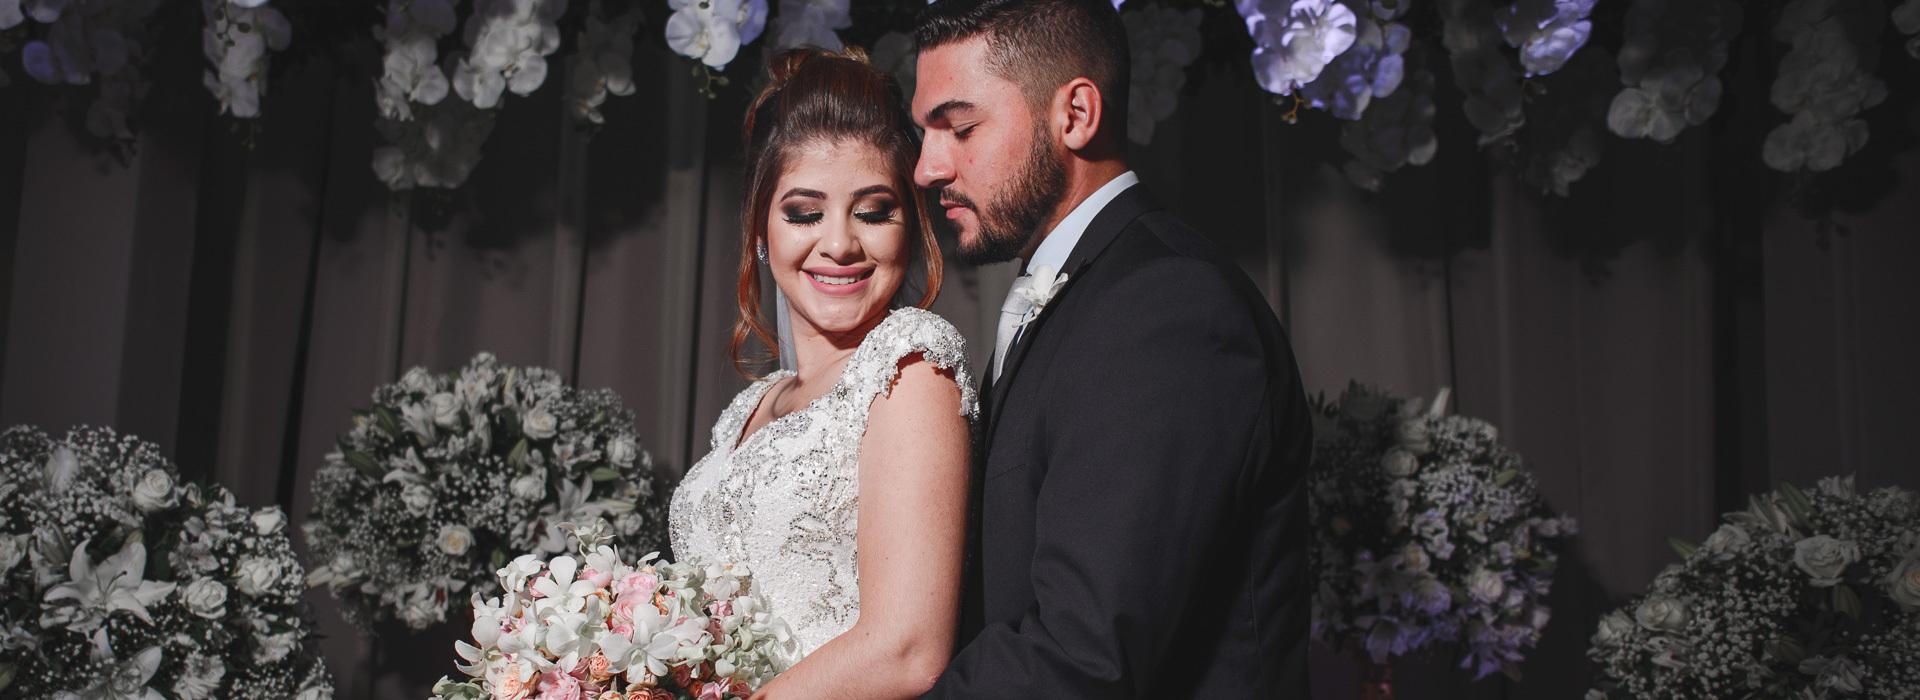 Casamento de Bianca e Décio em Ouro Preto D'Oeste